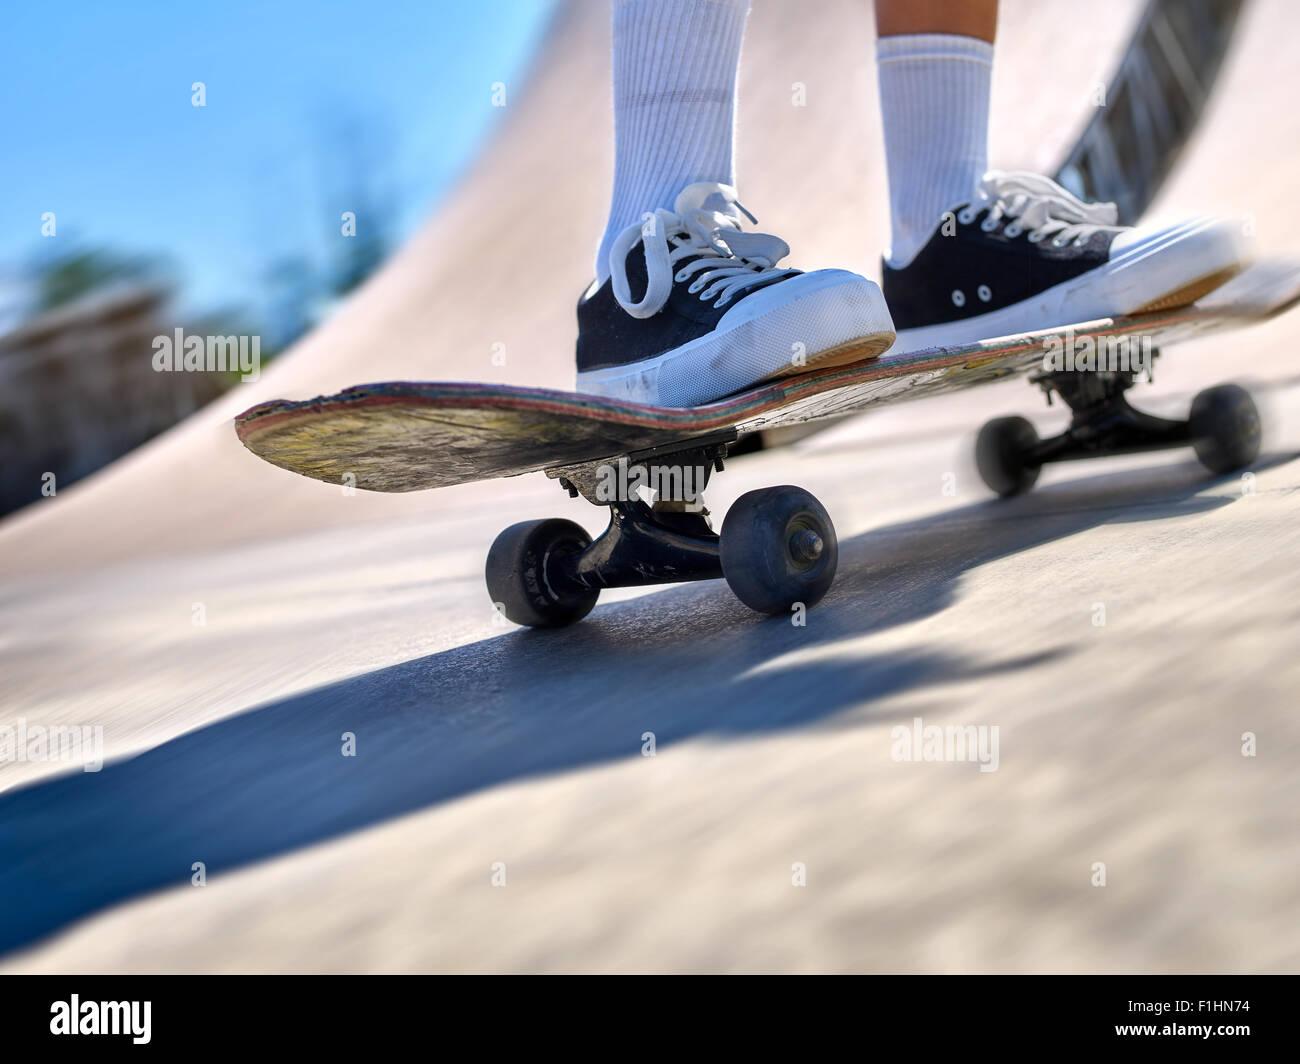 Piernas patineta cerrar en el skate park. Bajo la sección. Imagen De Stock